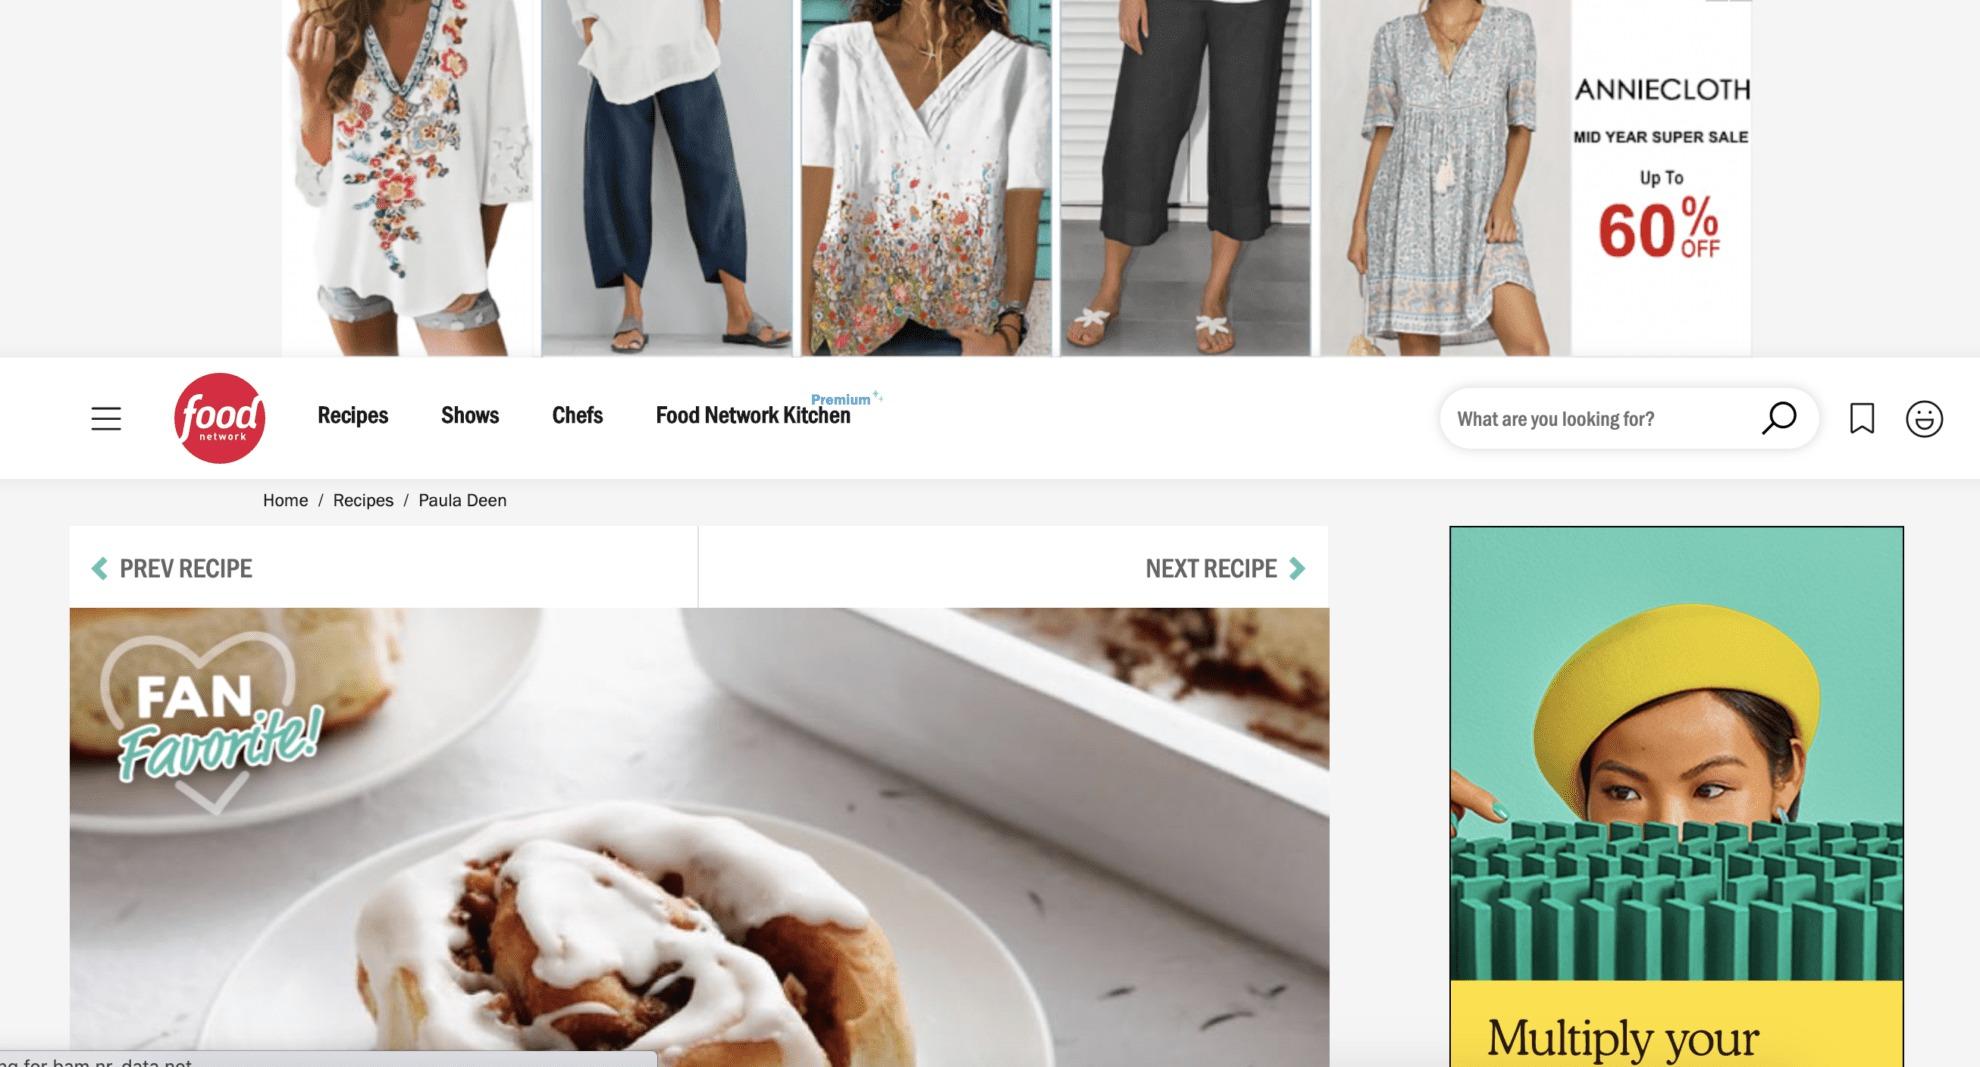 Food Network URL Targeting Advertising